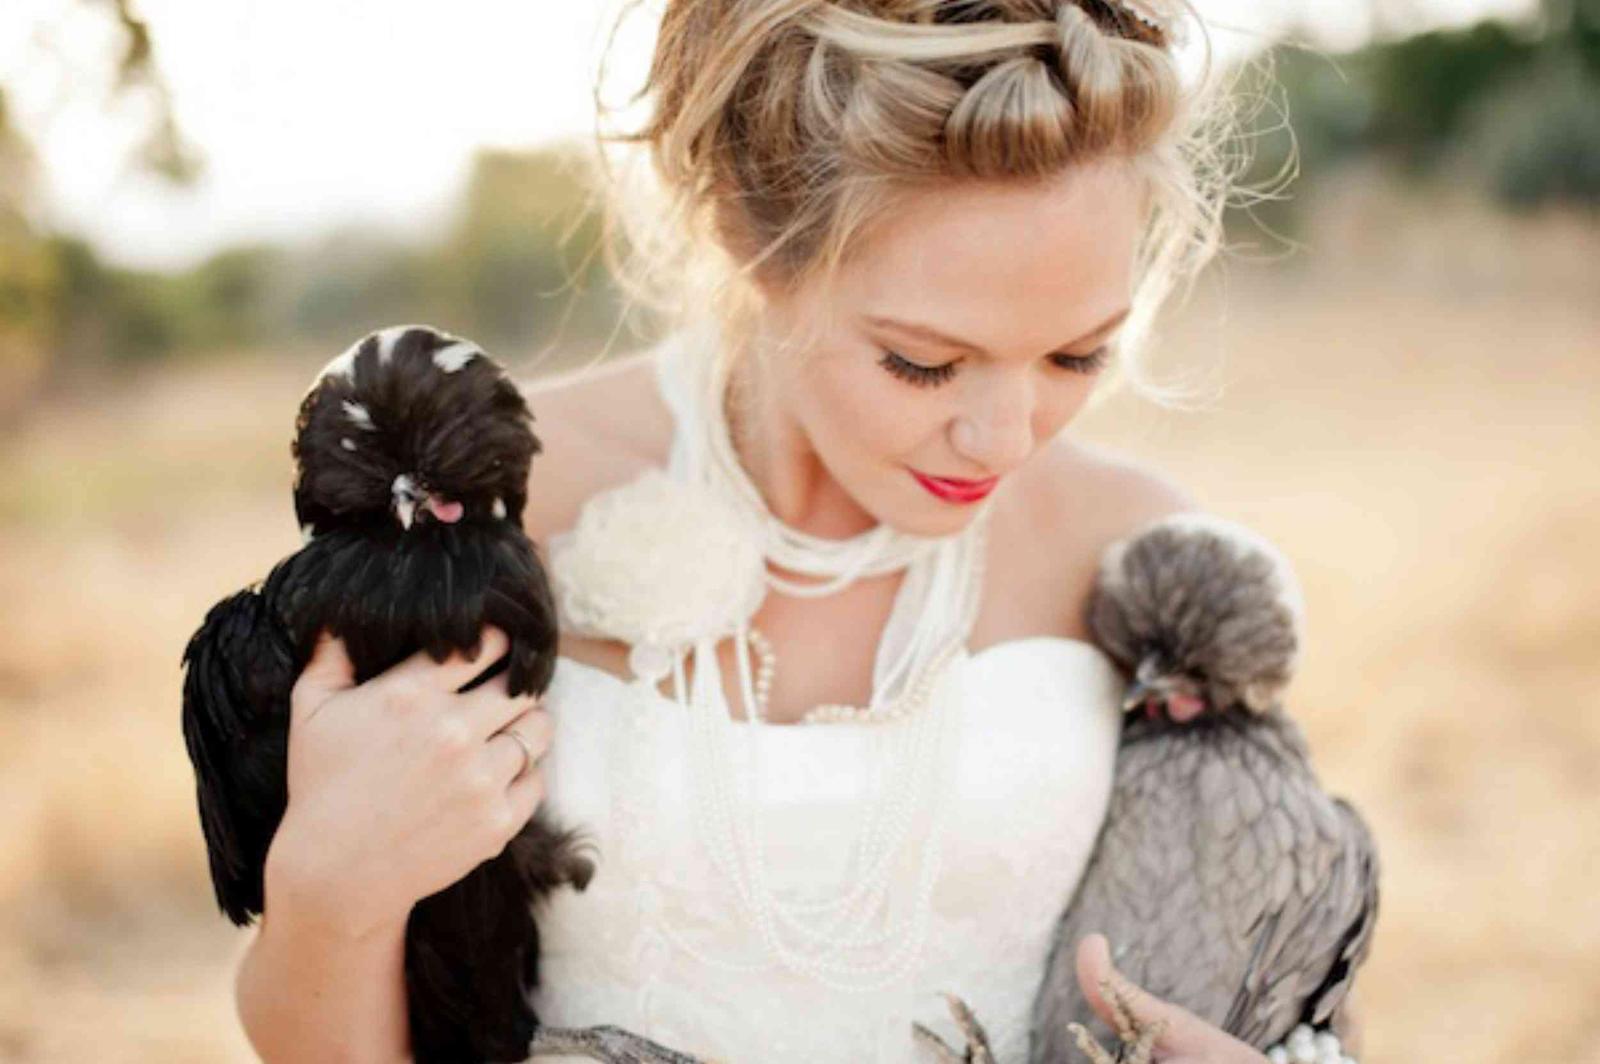 Zvieratká na svadbe 🐾 - Obrázok č. 91